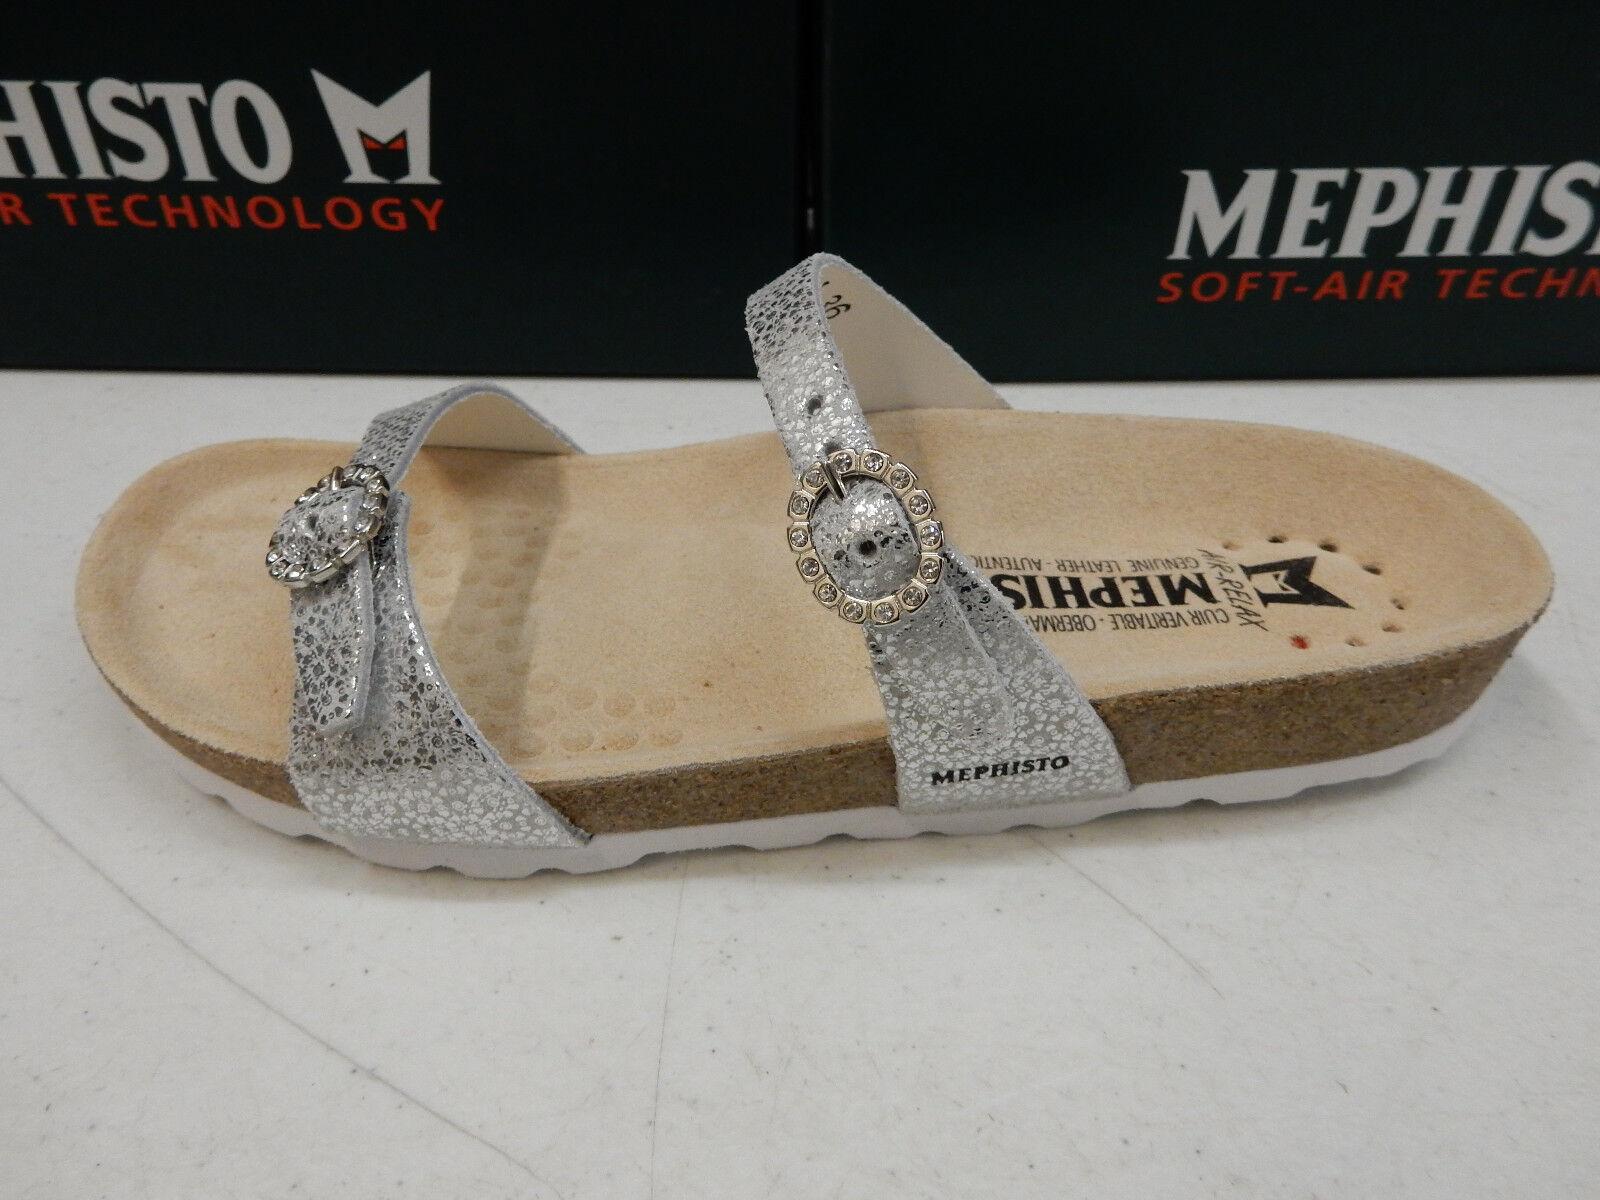 Mephisto para mujer Norie Tamaño De Plata Plata Plata EU 37 (US-7)  de moda